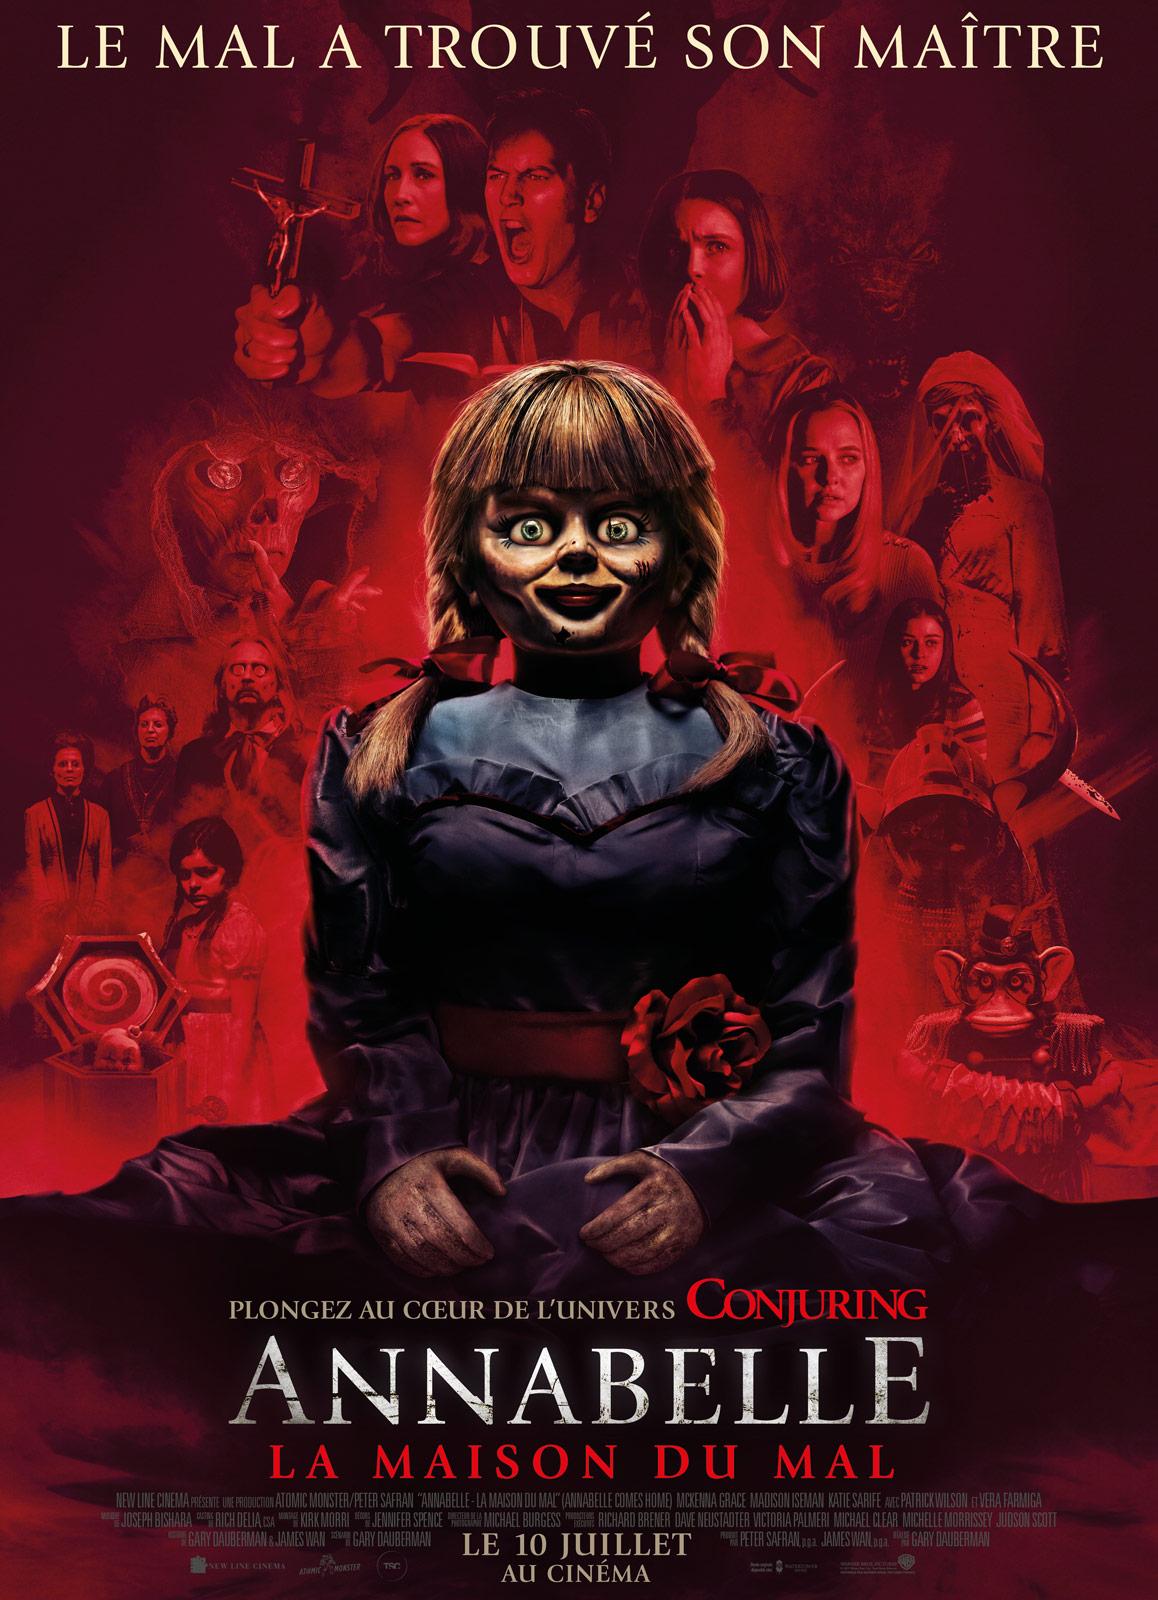 Les Chroniques ciné de Caro - Annabelle 3, Le Roi Lion, Crawl, Le Coup du siècle